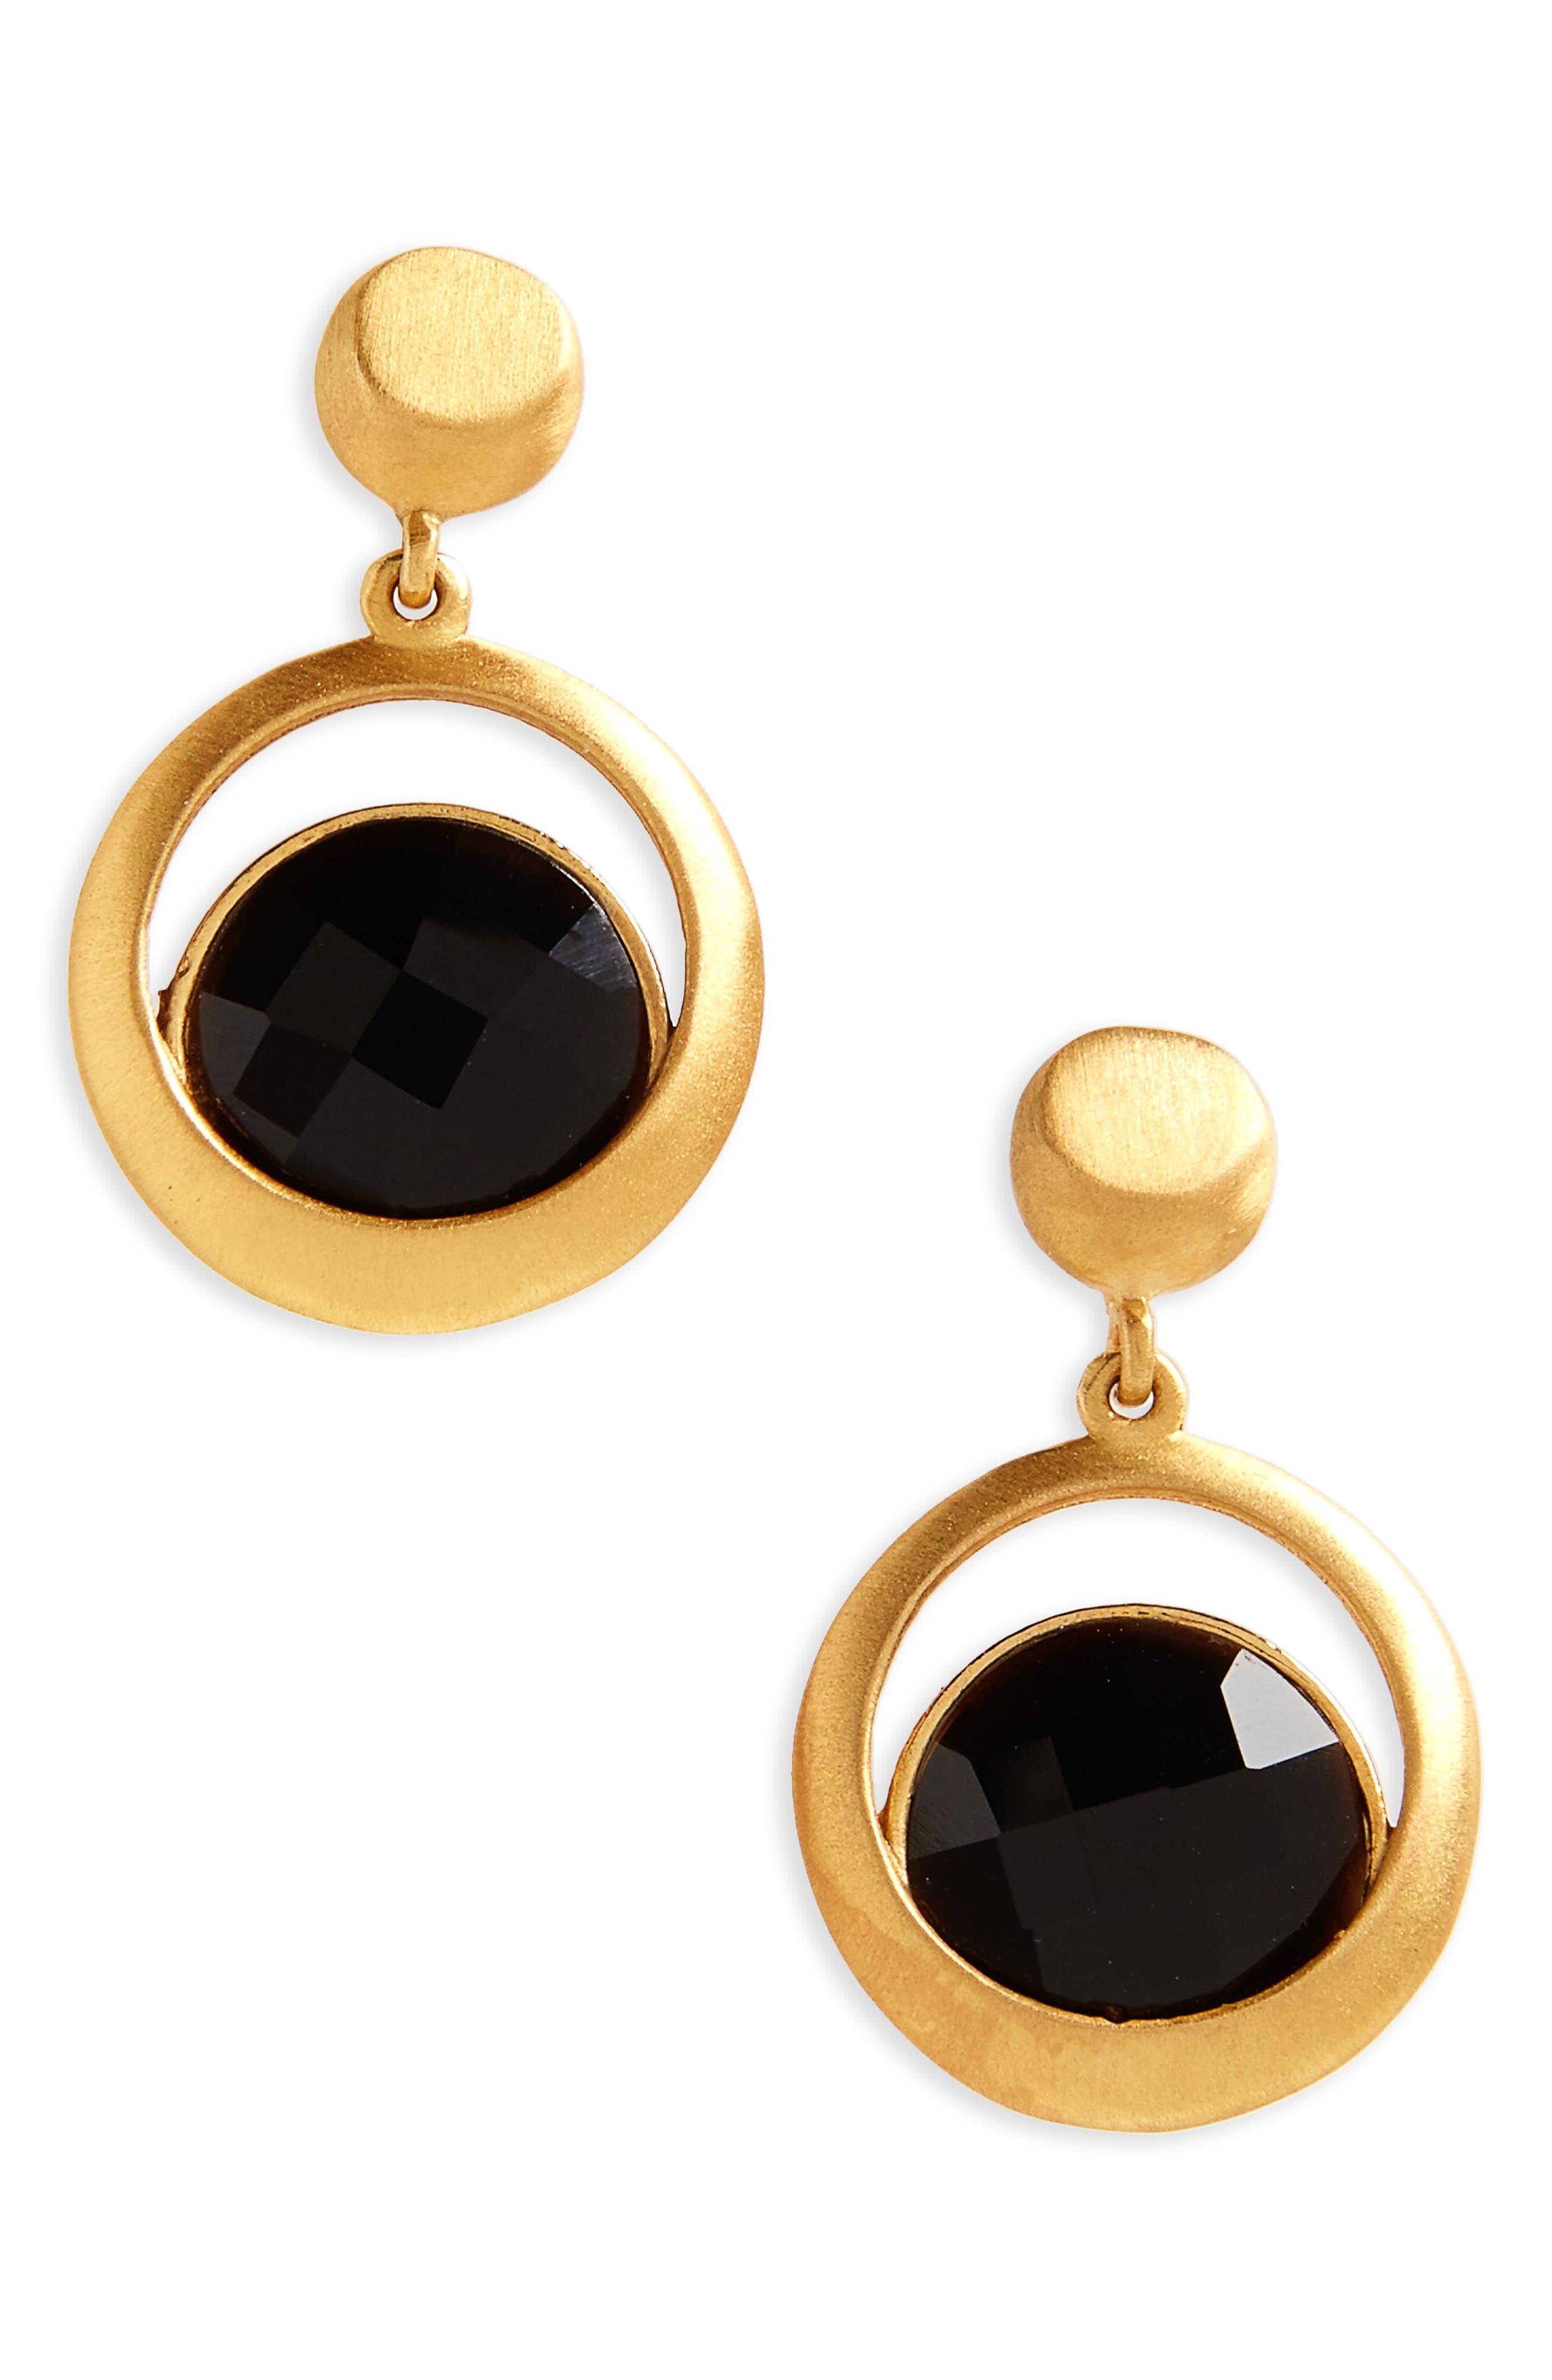 Lapa Semiprecious Stone Drop Earrings,                         Main,                         color, 001